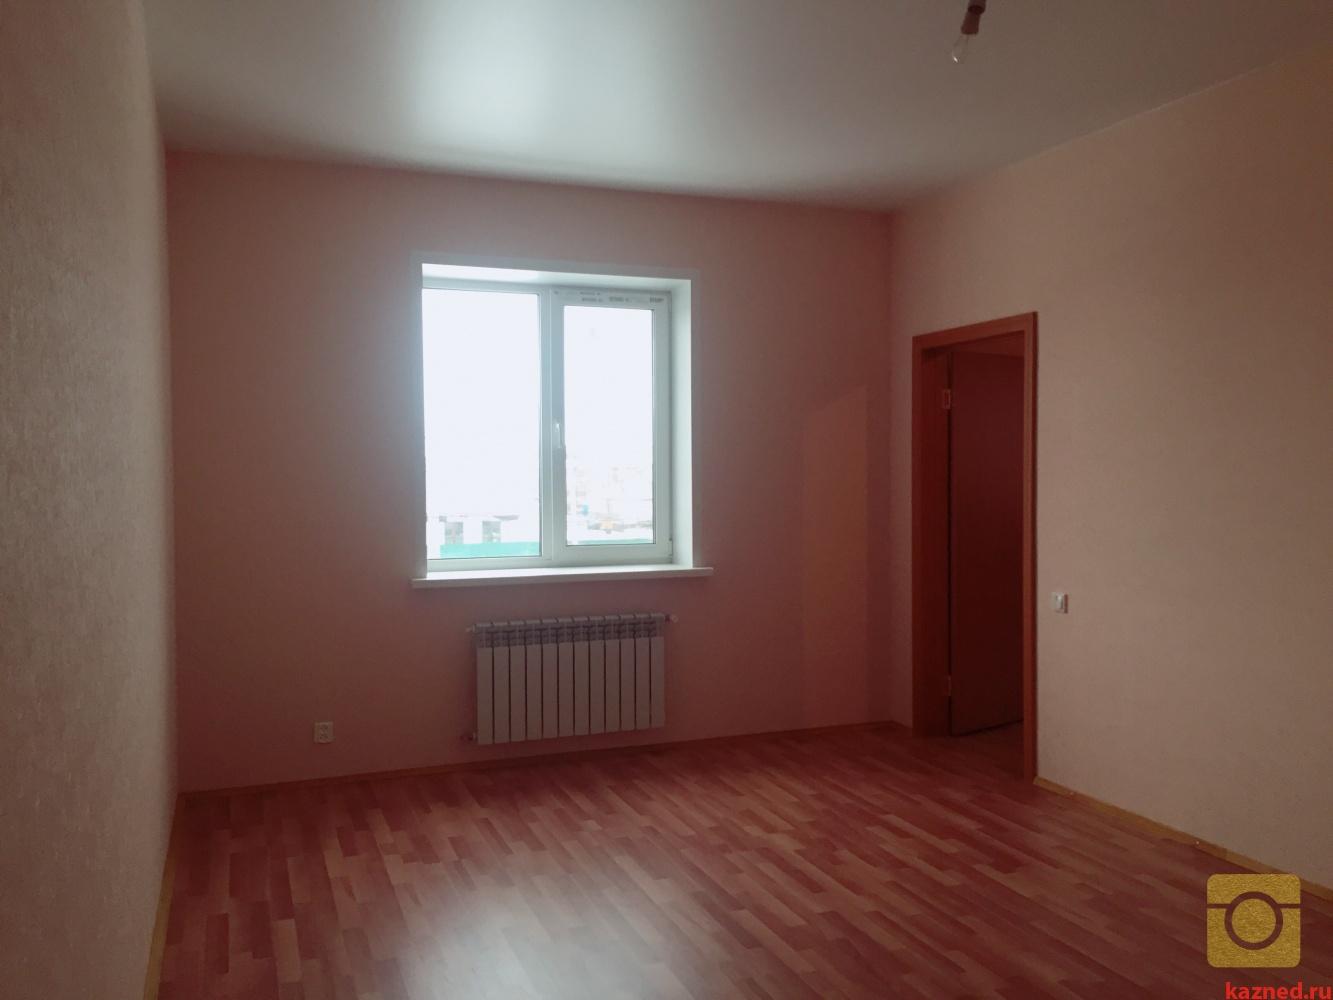 Продажа 3-к квартиры молодецкого 25б, 103 м2  (миниатюра №17)